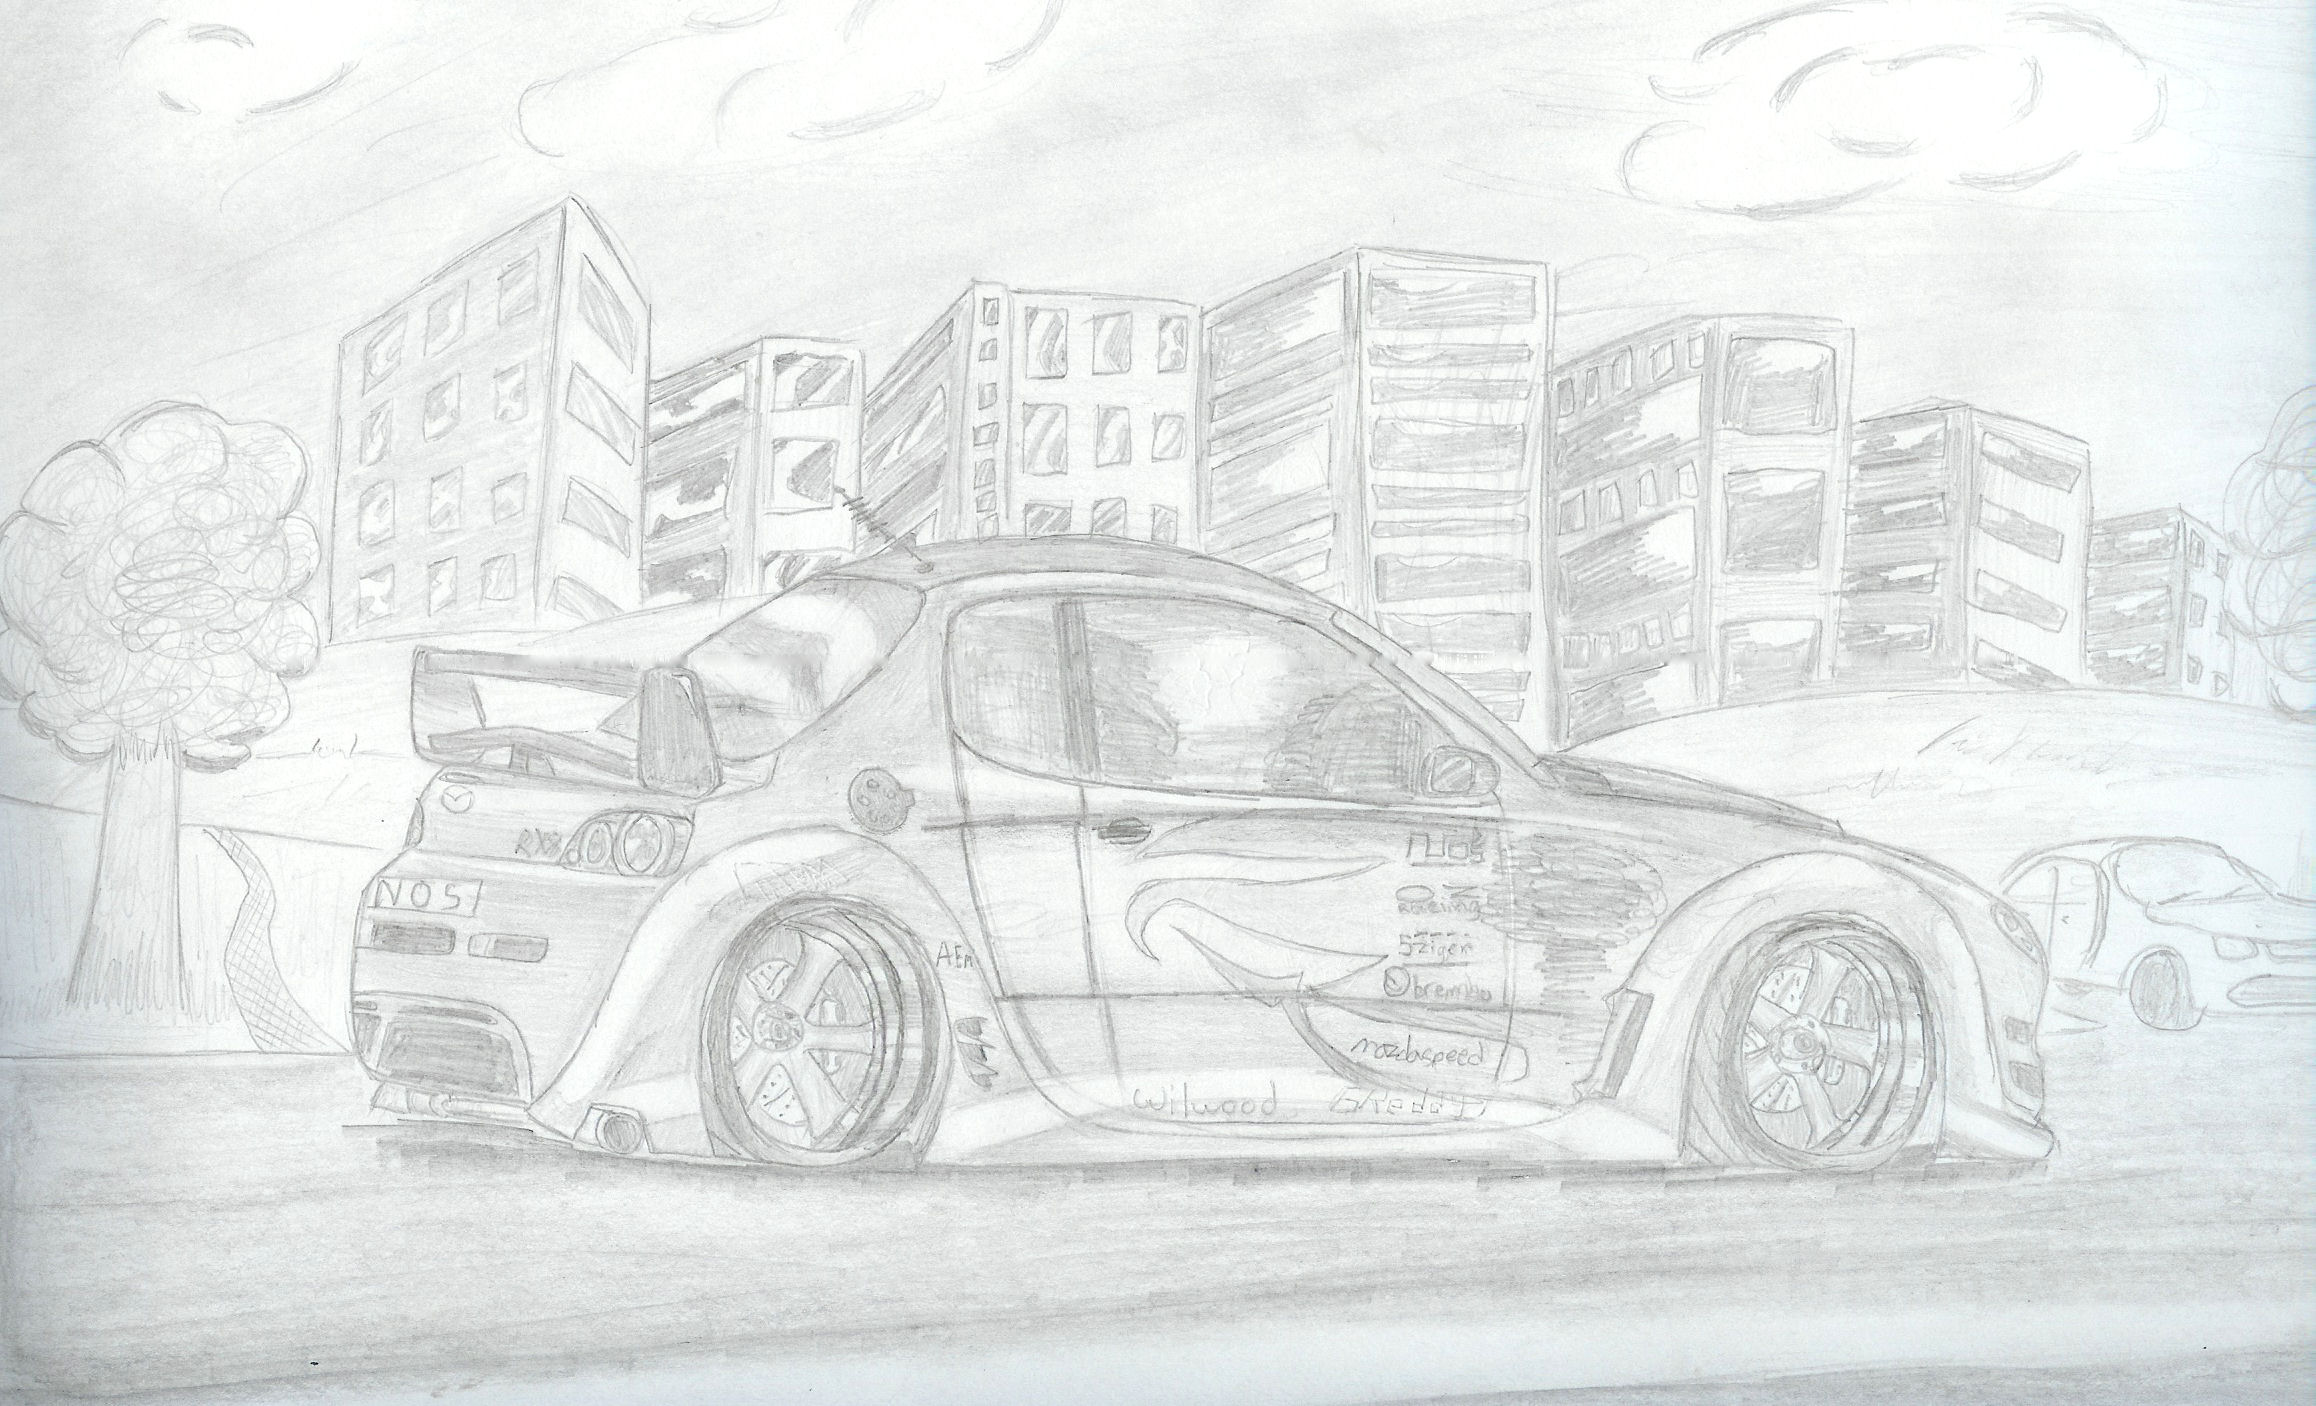 RX-8 Mazda Street Racer